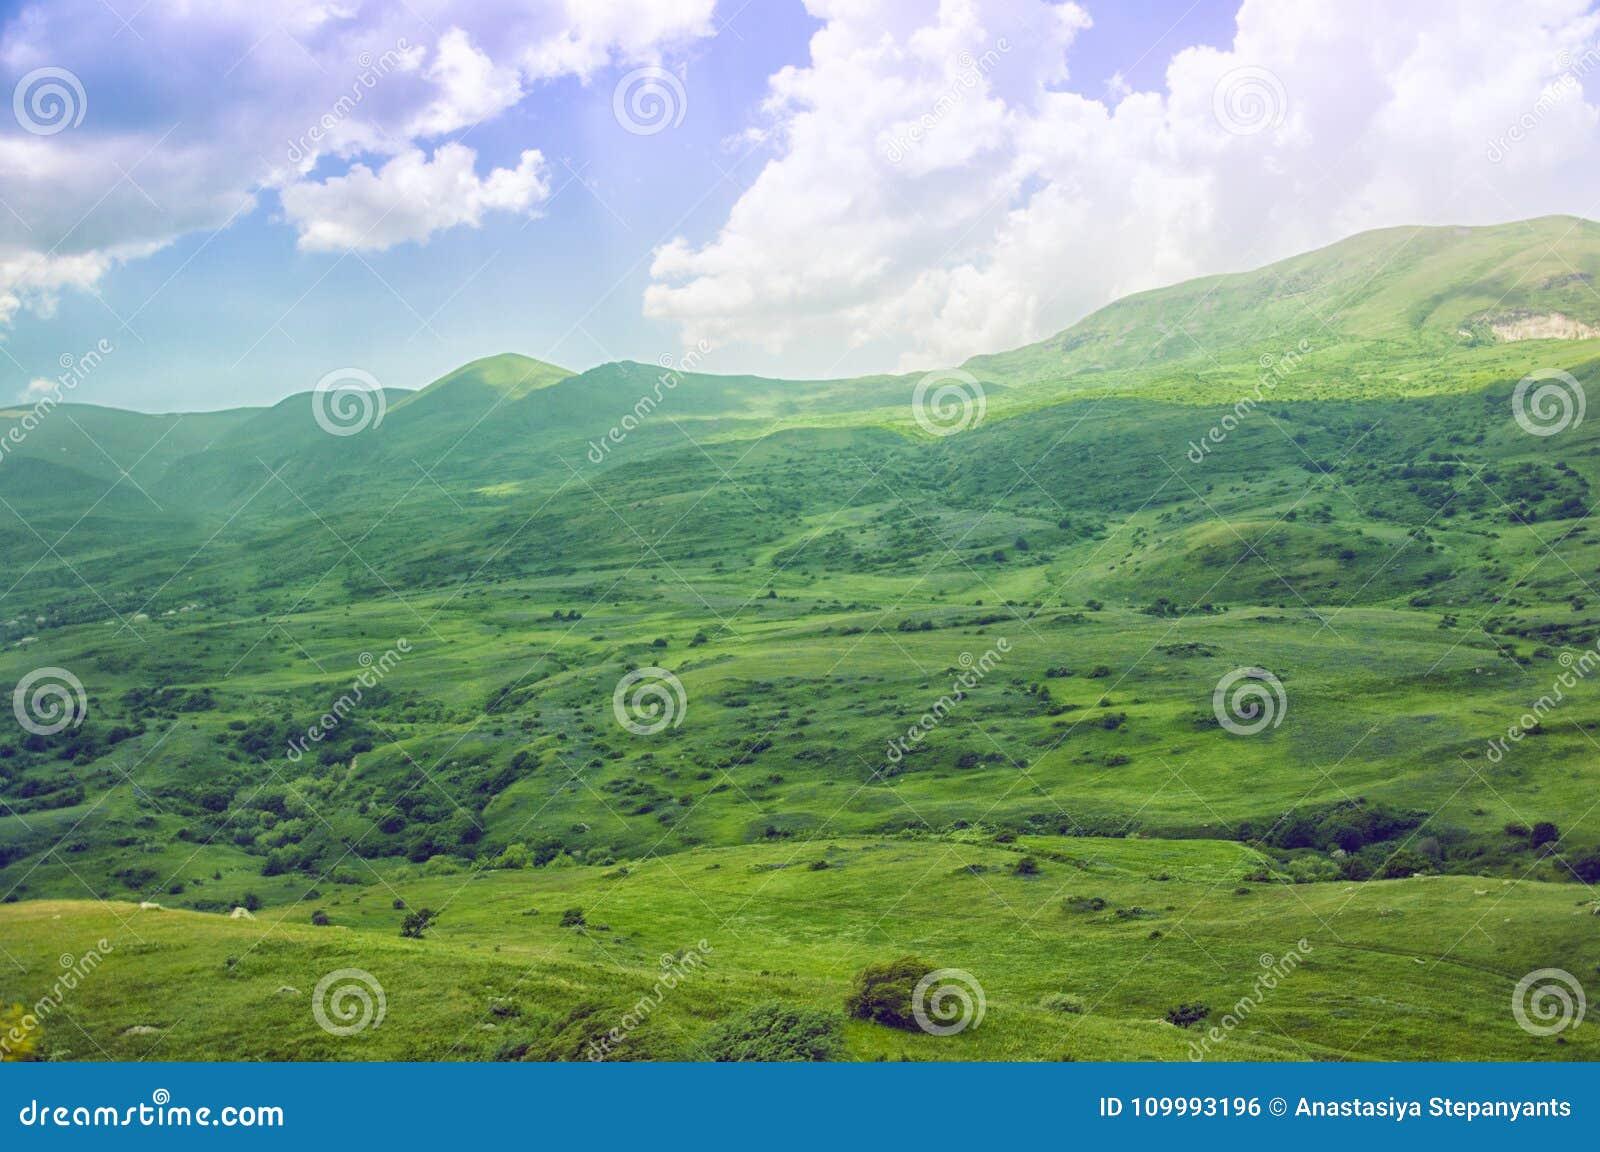 Grünes Tal Bergiges Gelände, Landschaft des offenen Raumes armenien